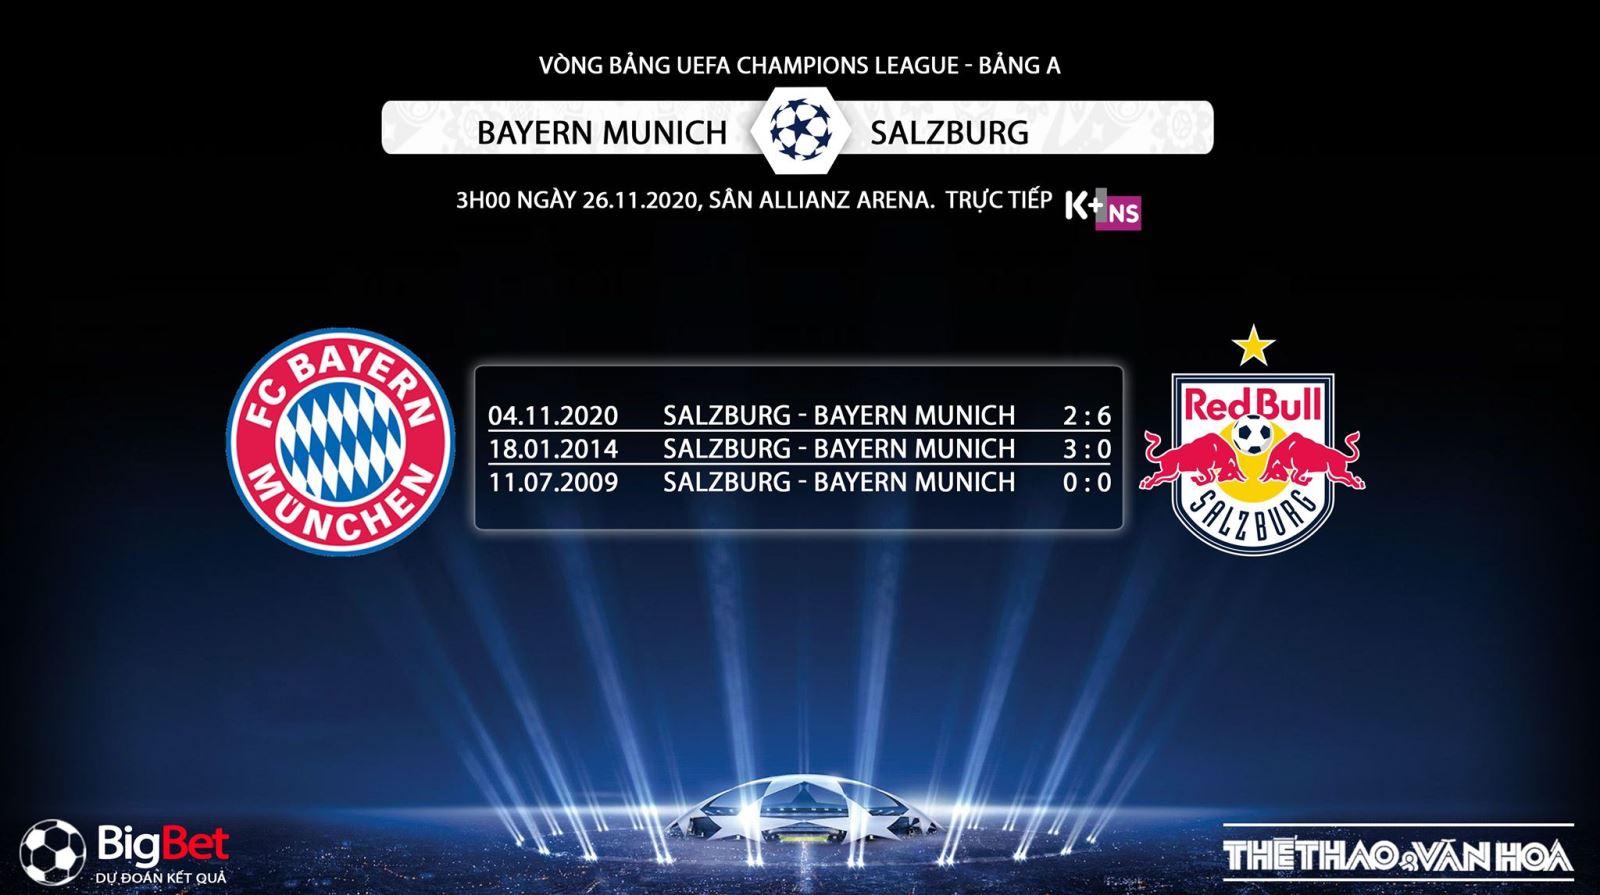 Keo nha cai, Kèo nhà cái, Bayern Munich vs Salzburg, Truc tiep bong da, Cúp C1 châu Âu, Trực tiếp bóng đá hôm nay, trực tiếp Bayern Munich vs Salzburg, tin bong da